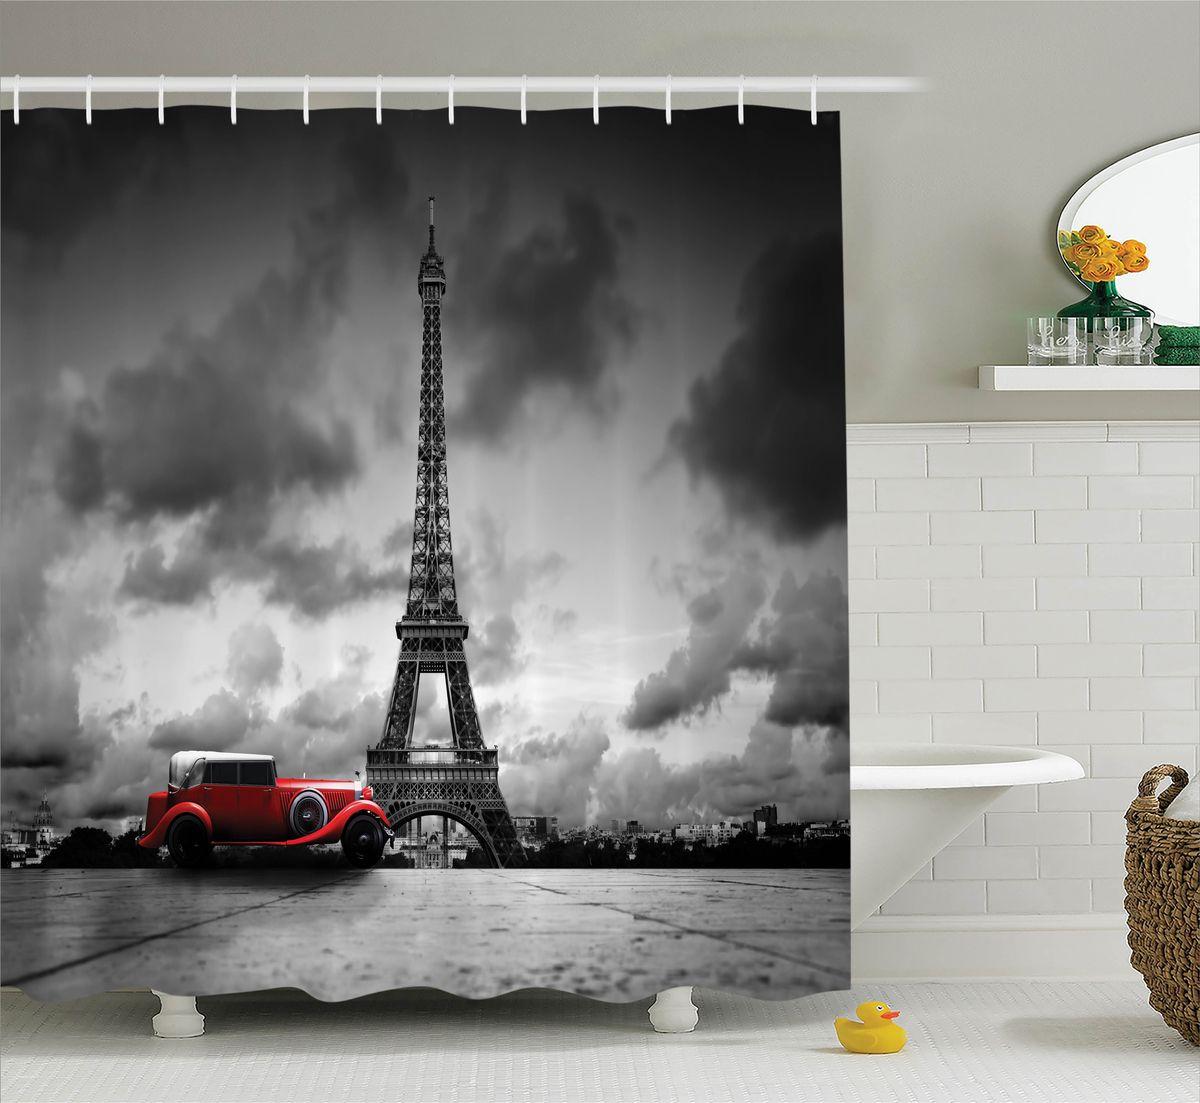 Штора для ванной комнаты Magic Lady Пасмурный день в Париже, 180 х 200 см55200Штора Magic Lady Пасмурный день в Париже, изготовленная из высококачественного сатена (полиэстер 100%), отлично дополнит любой интерьер ванной комнаты. При изготовлении используются специальные гипоаллергенные чернила для прямой печати по ткани, безопасные для человека.В комплекте: 1 штора, 12 крючков. Обращаем ваше внимание, фактический цвет изделия может незначительно отличаться от представленного на фото.